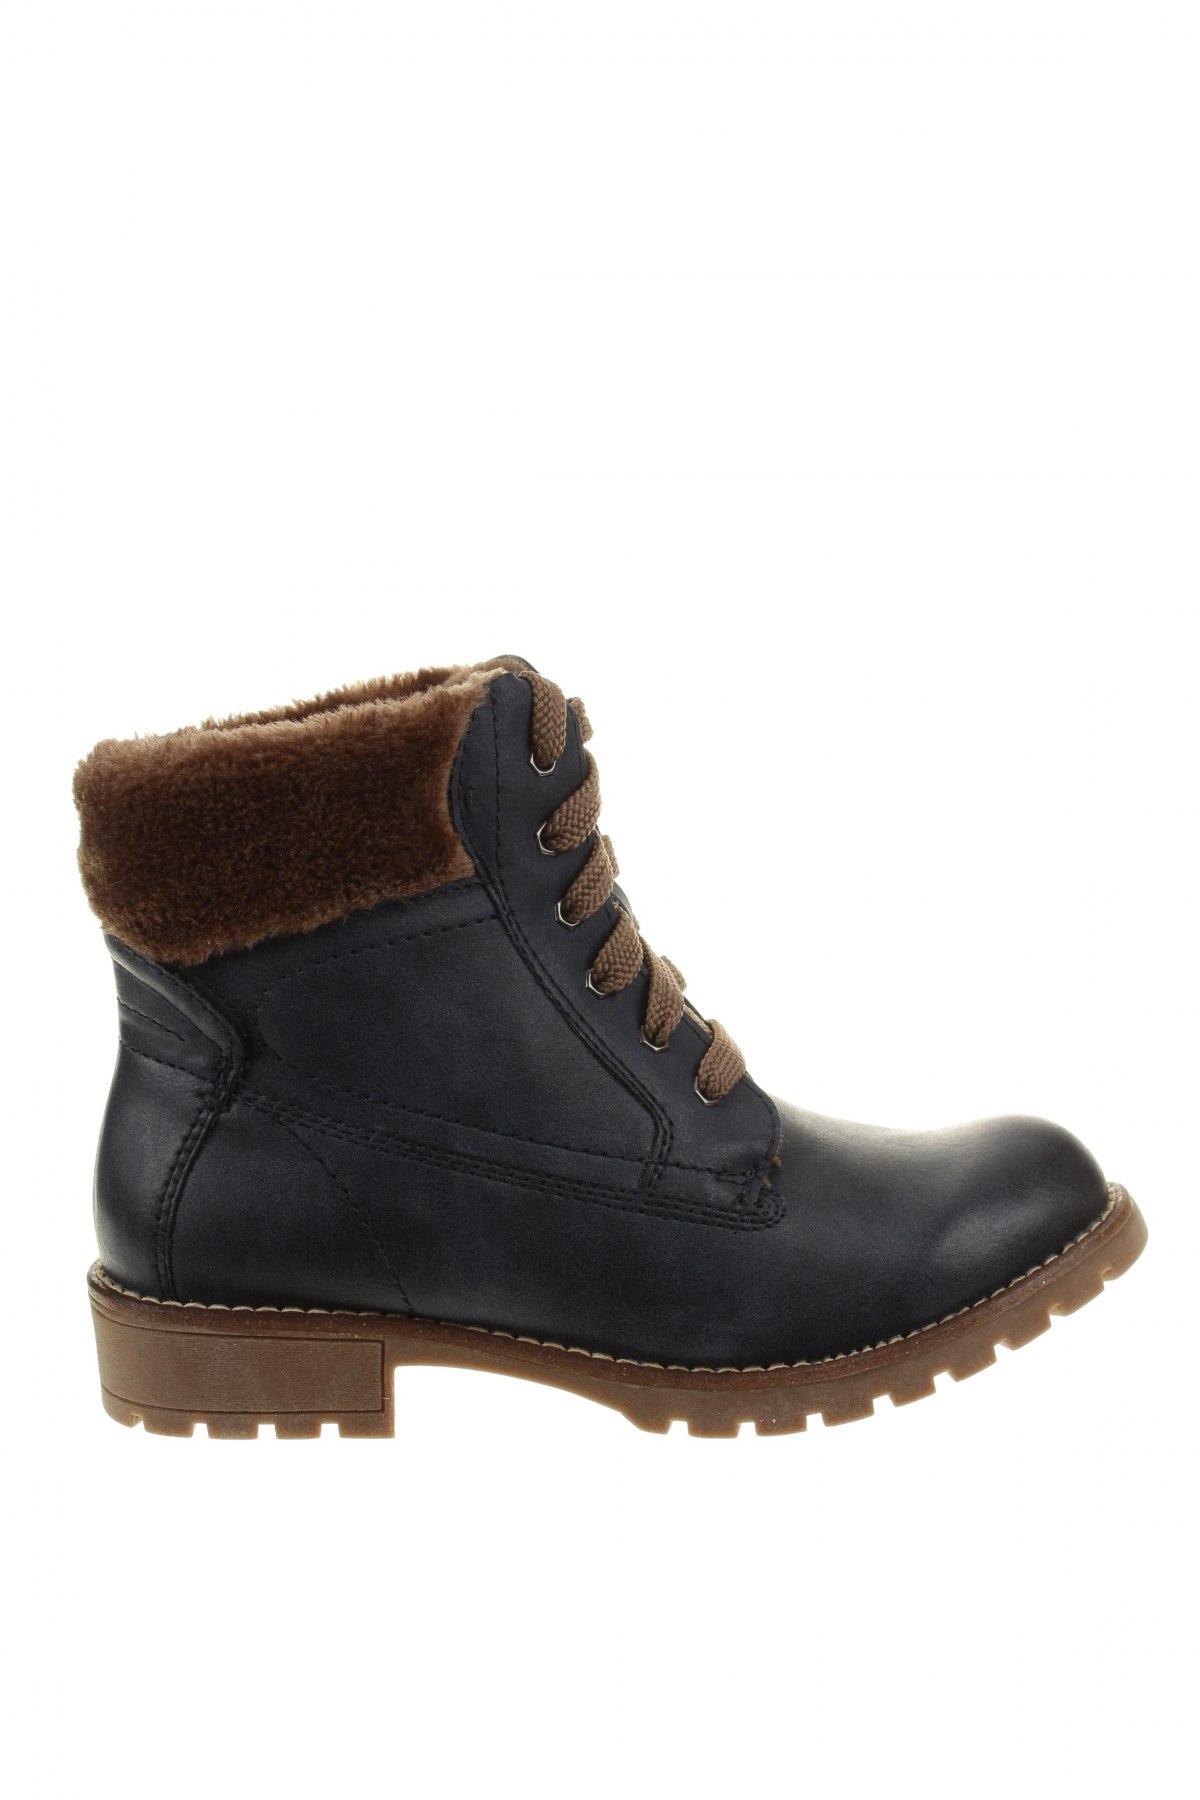 264ec263907a Dámské topánky Jana - za výhodnú cenu na Remix -  102674421